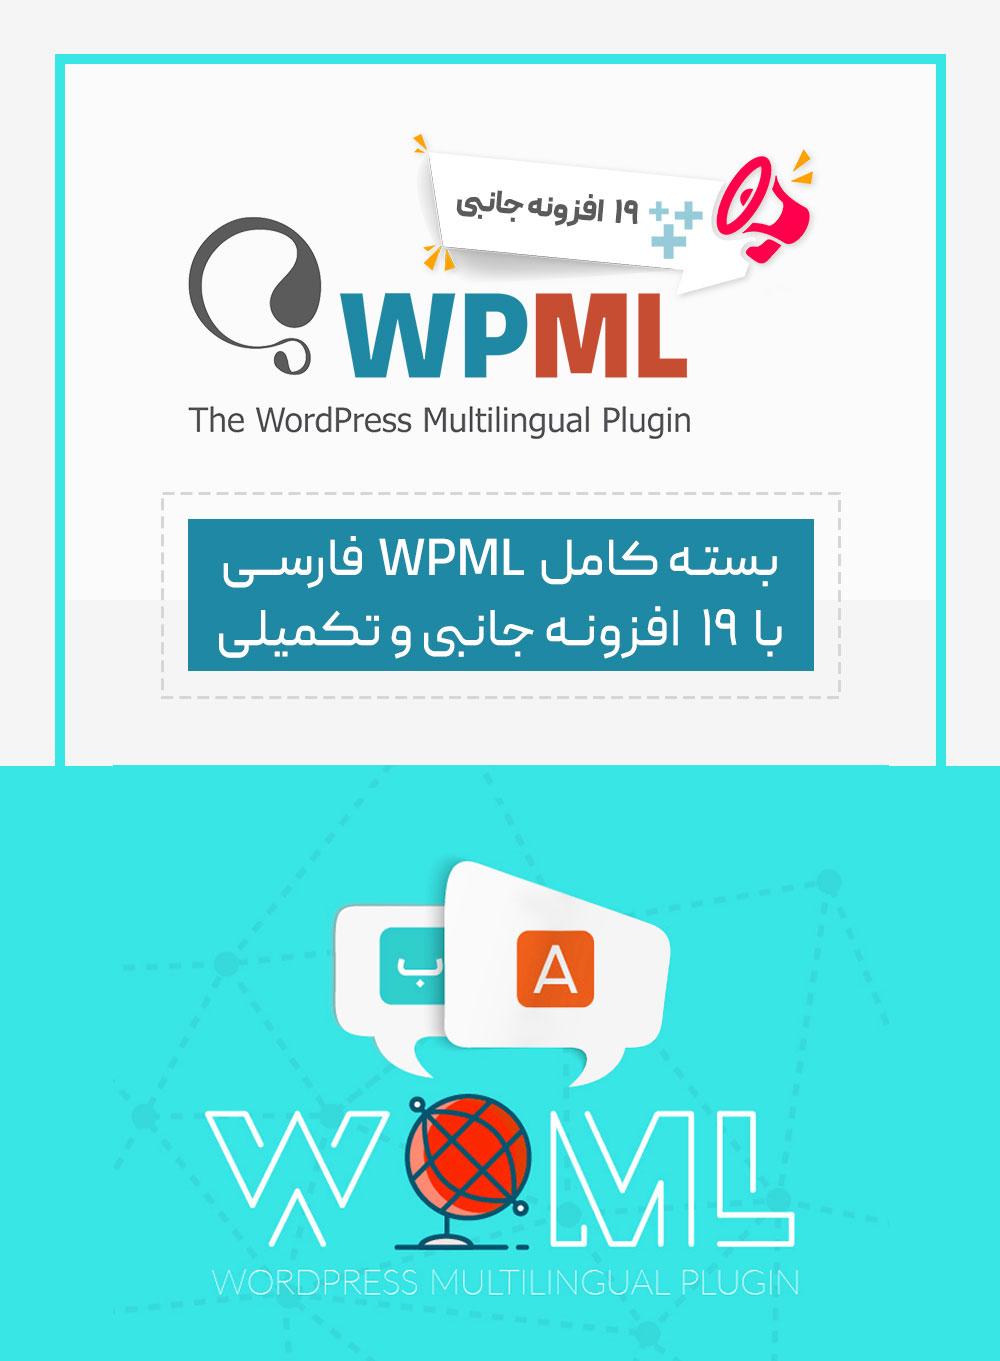 معرفی افزونه WPML افزونه چندز بانی وردپرس